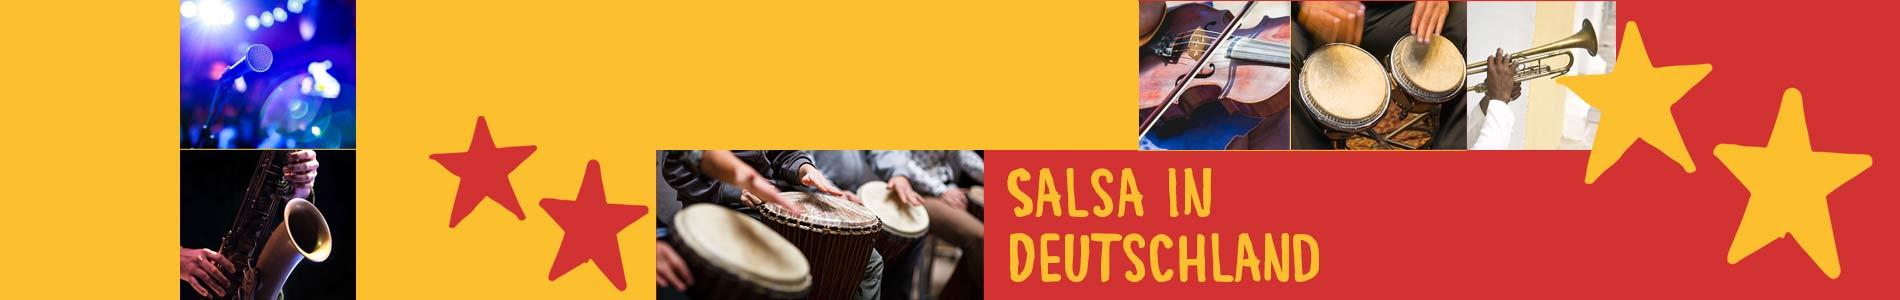 Salsa in Dettelbach – Salsa lernen und tanzen, Tanzkurse, Partys, Veranstaltungen